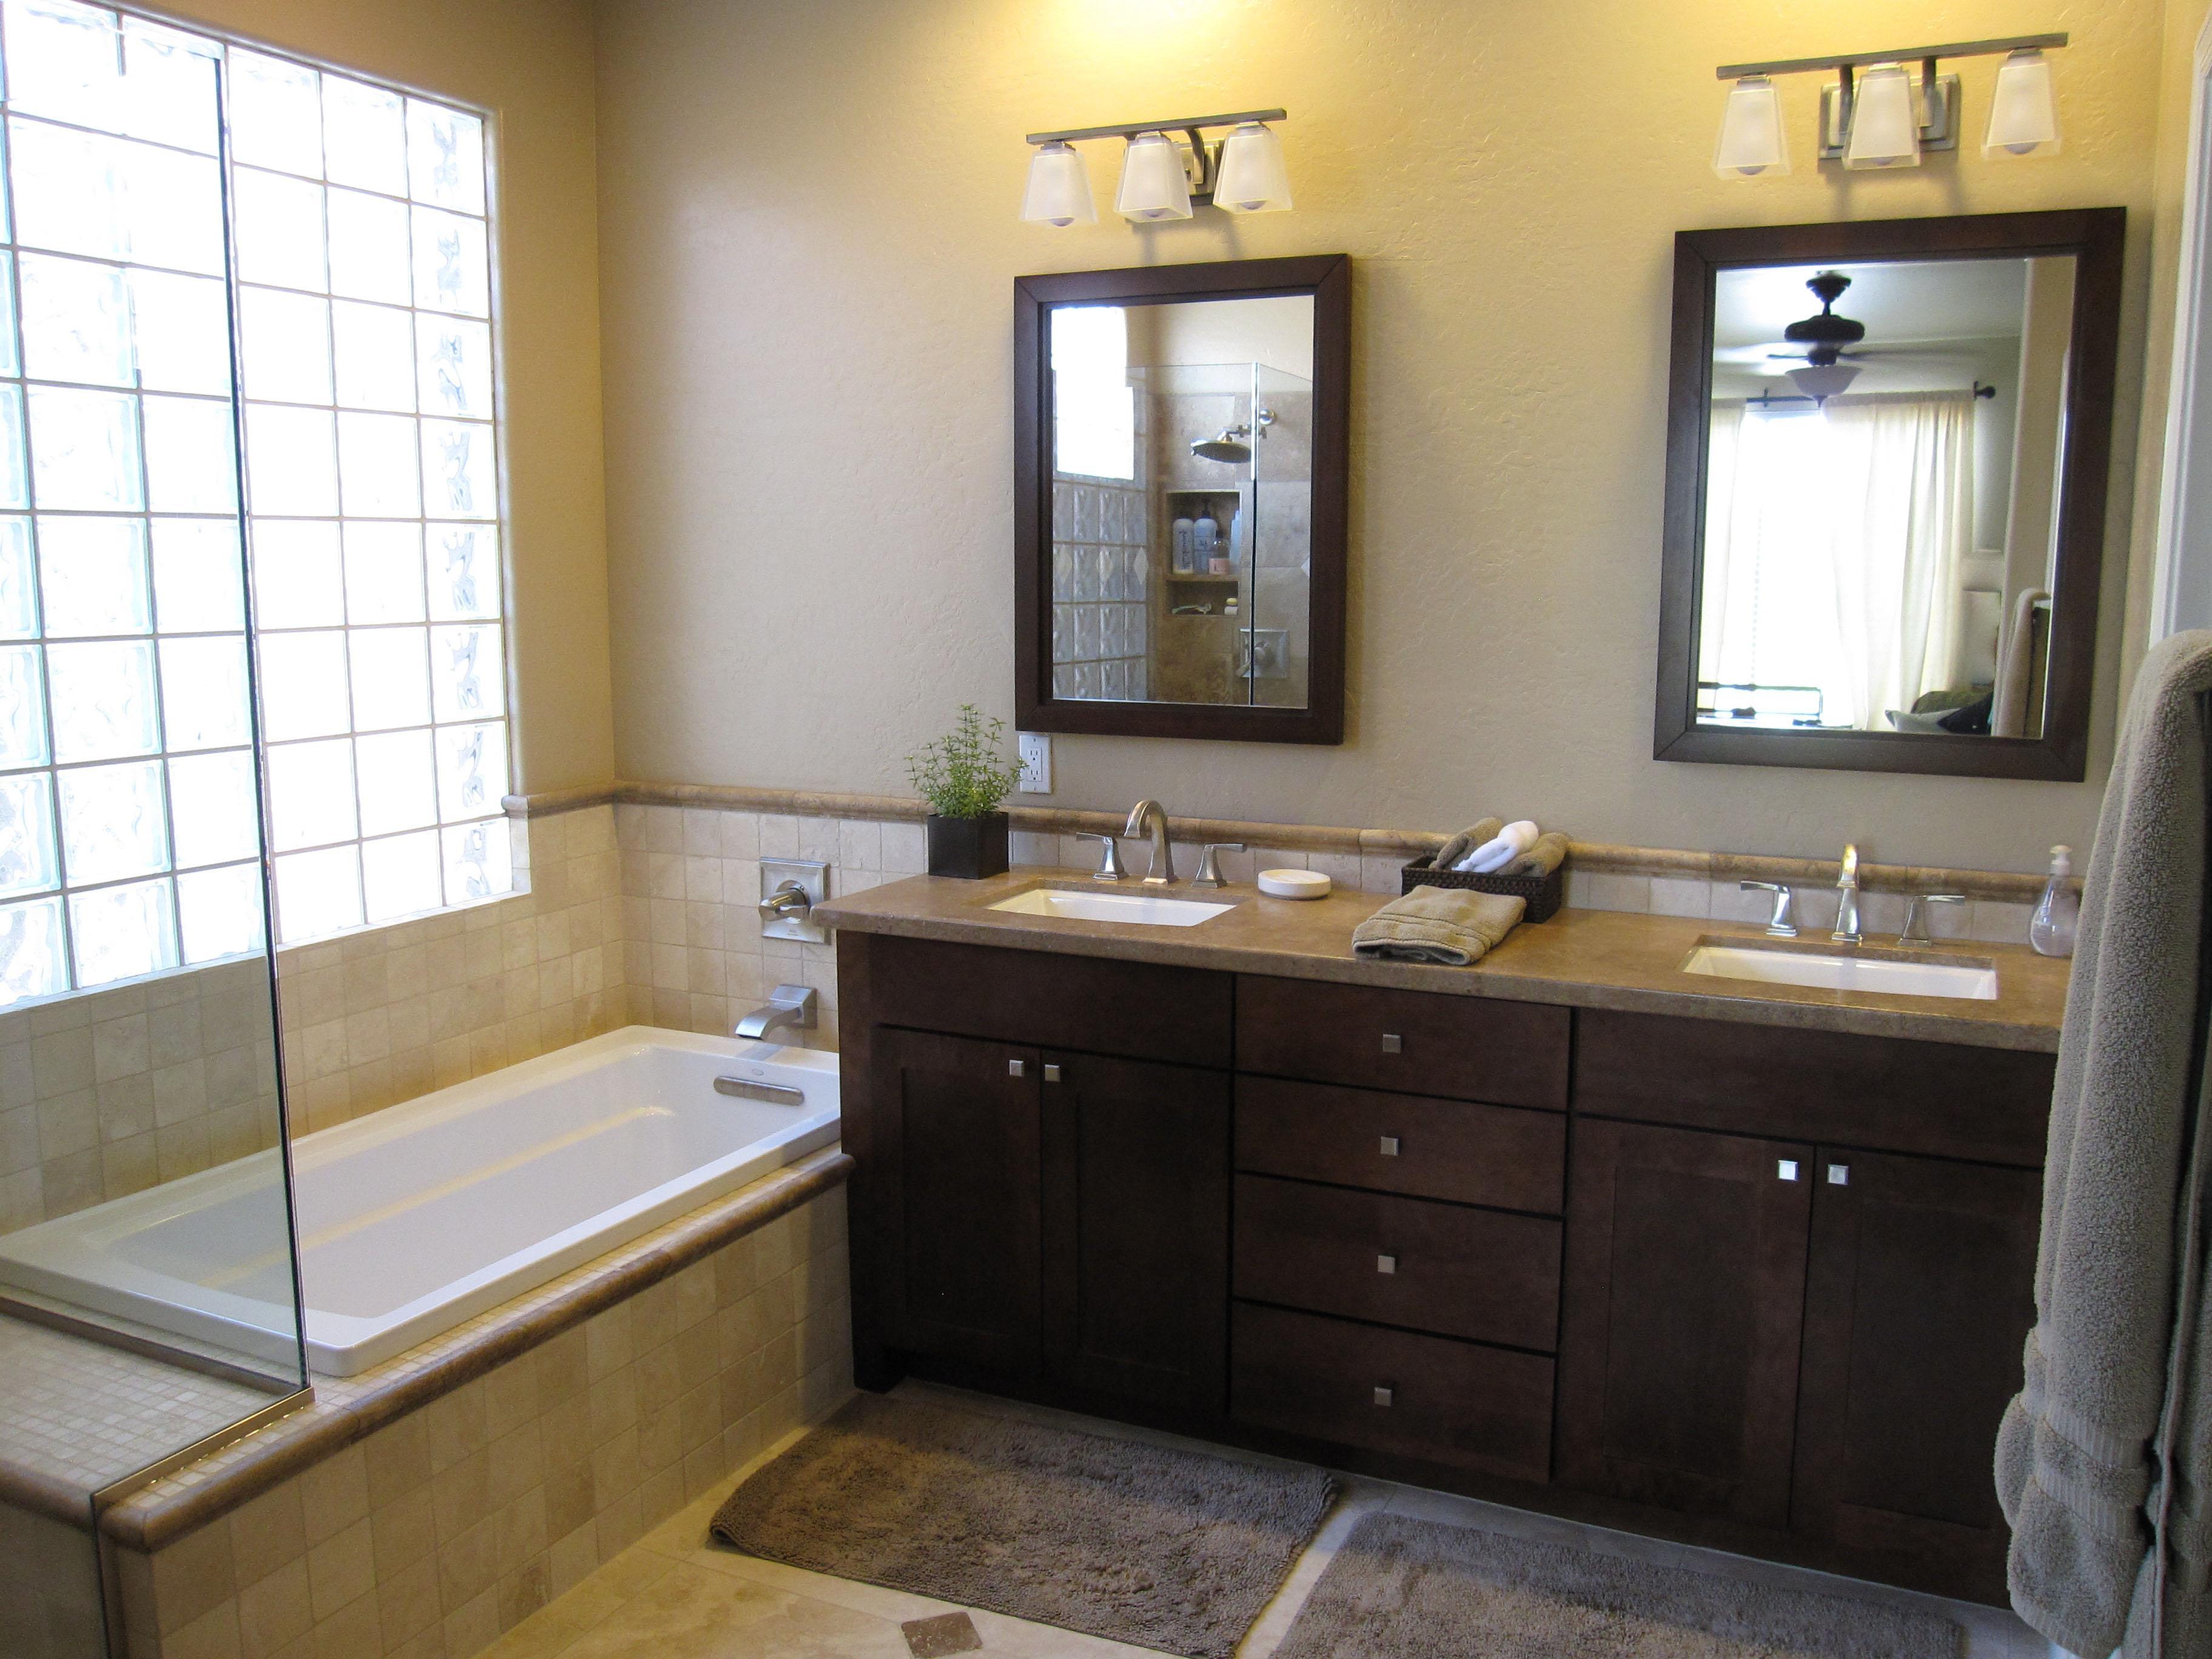 Terrific Bathroom Vanity Mirror Ideas Surprising Mirrors 10 Within Small Bathroom Vanity Mirrors (Image 18 of 20)